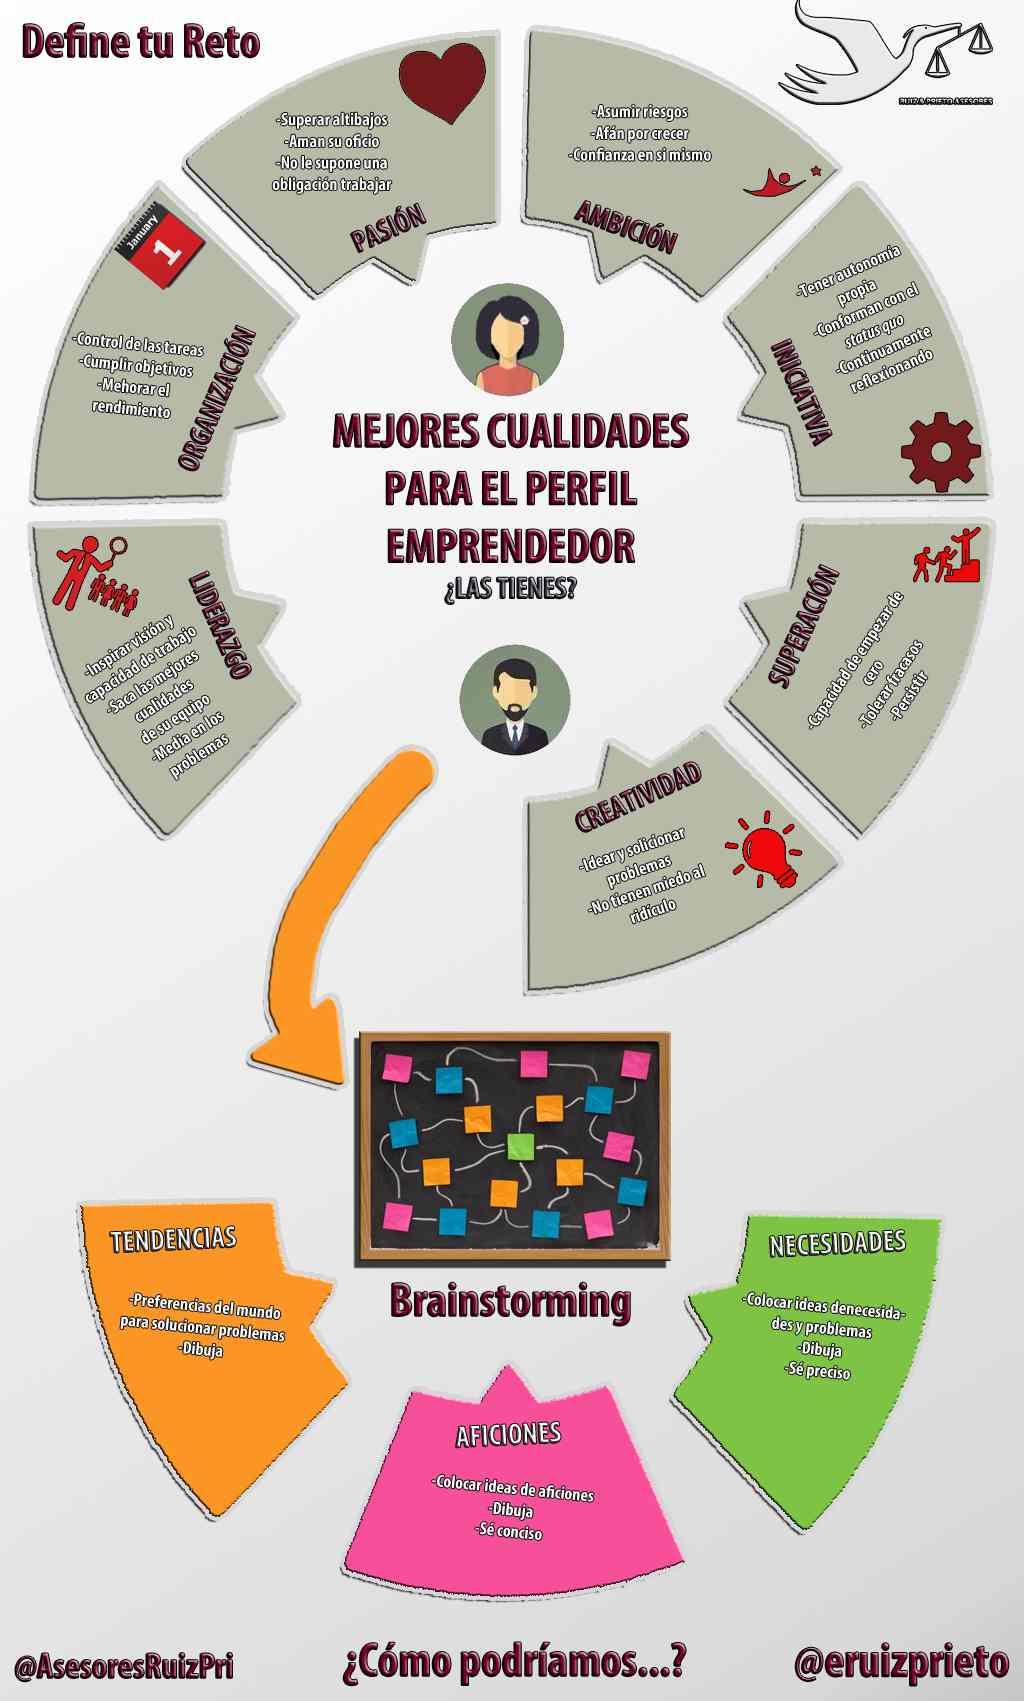 define tu reto como emprendedor